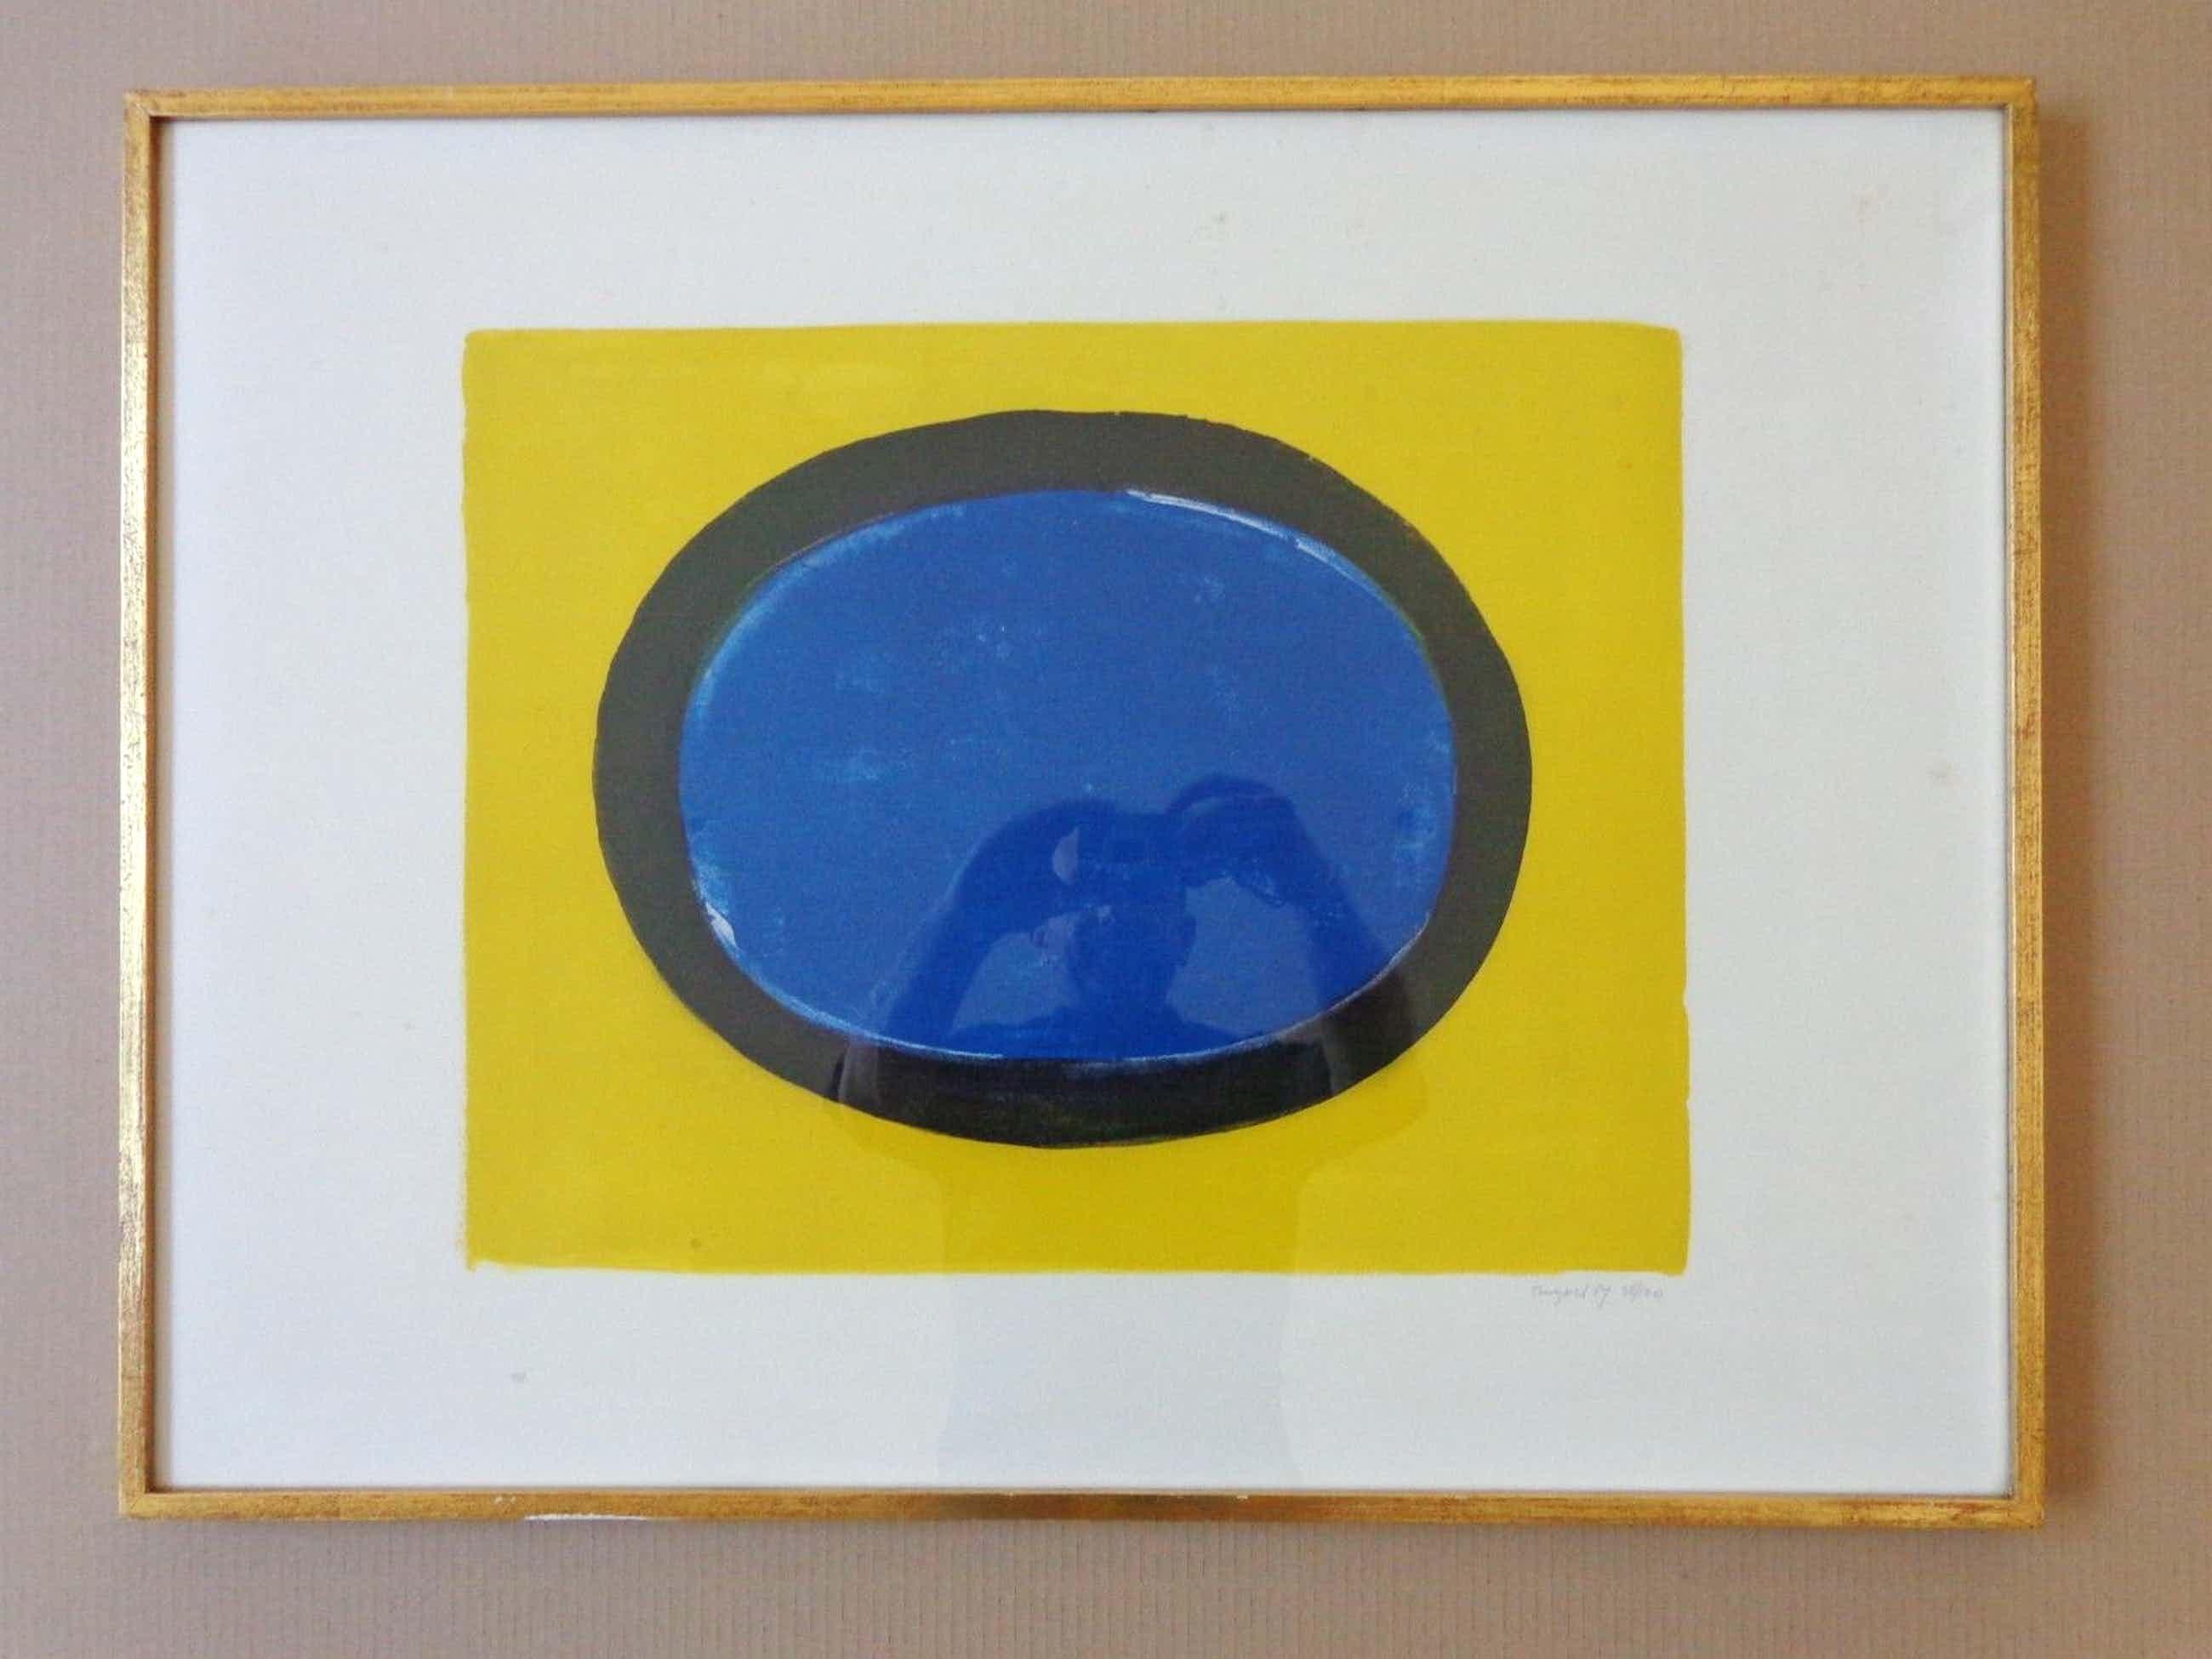 Bram Bogart - GEEL-ZWART-BLAUW / KLEURLITHO / 57x76cm / KADER / SIG/ 1967 kopen? Bied vanaf 215!